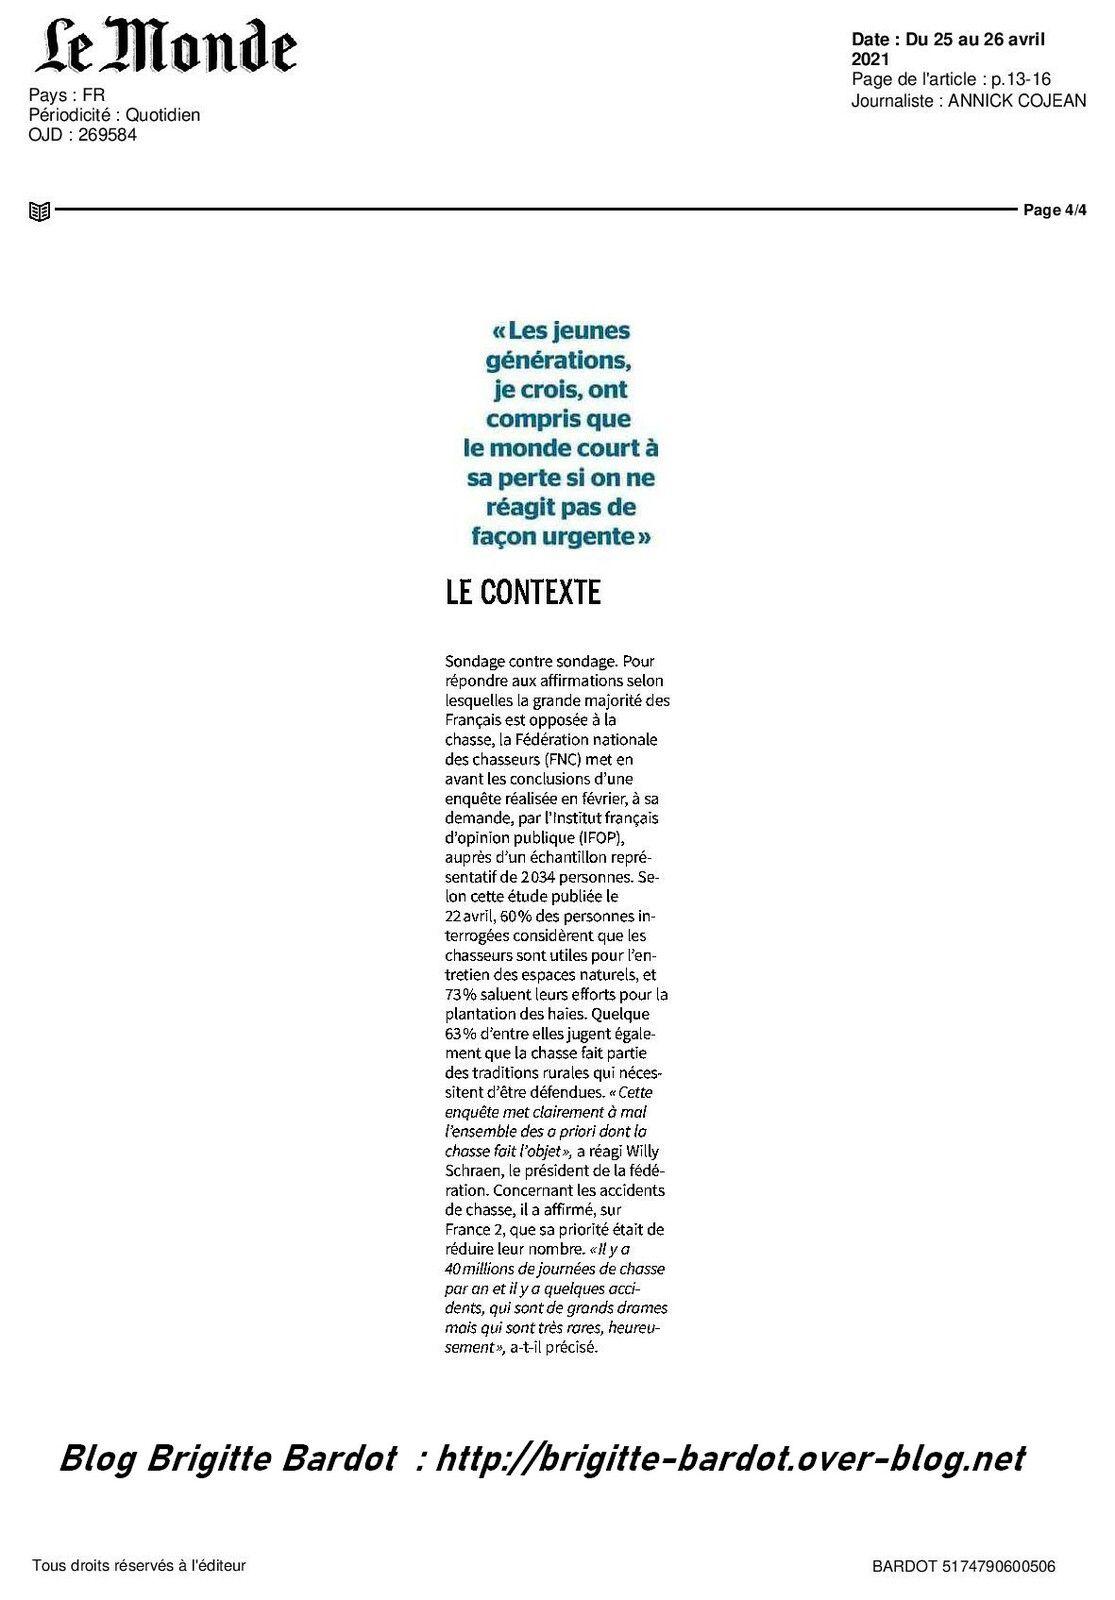 """Interview exclusive de Brigitte Bardot pour le journal """"Le Monde"""""""